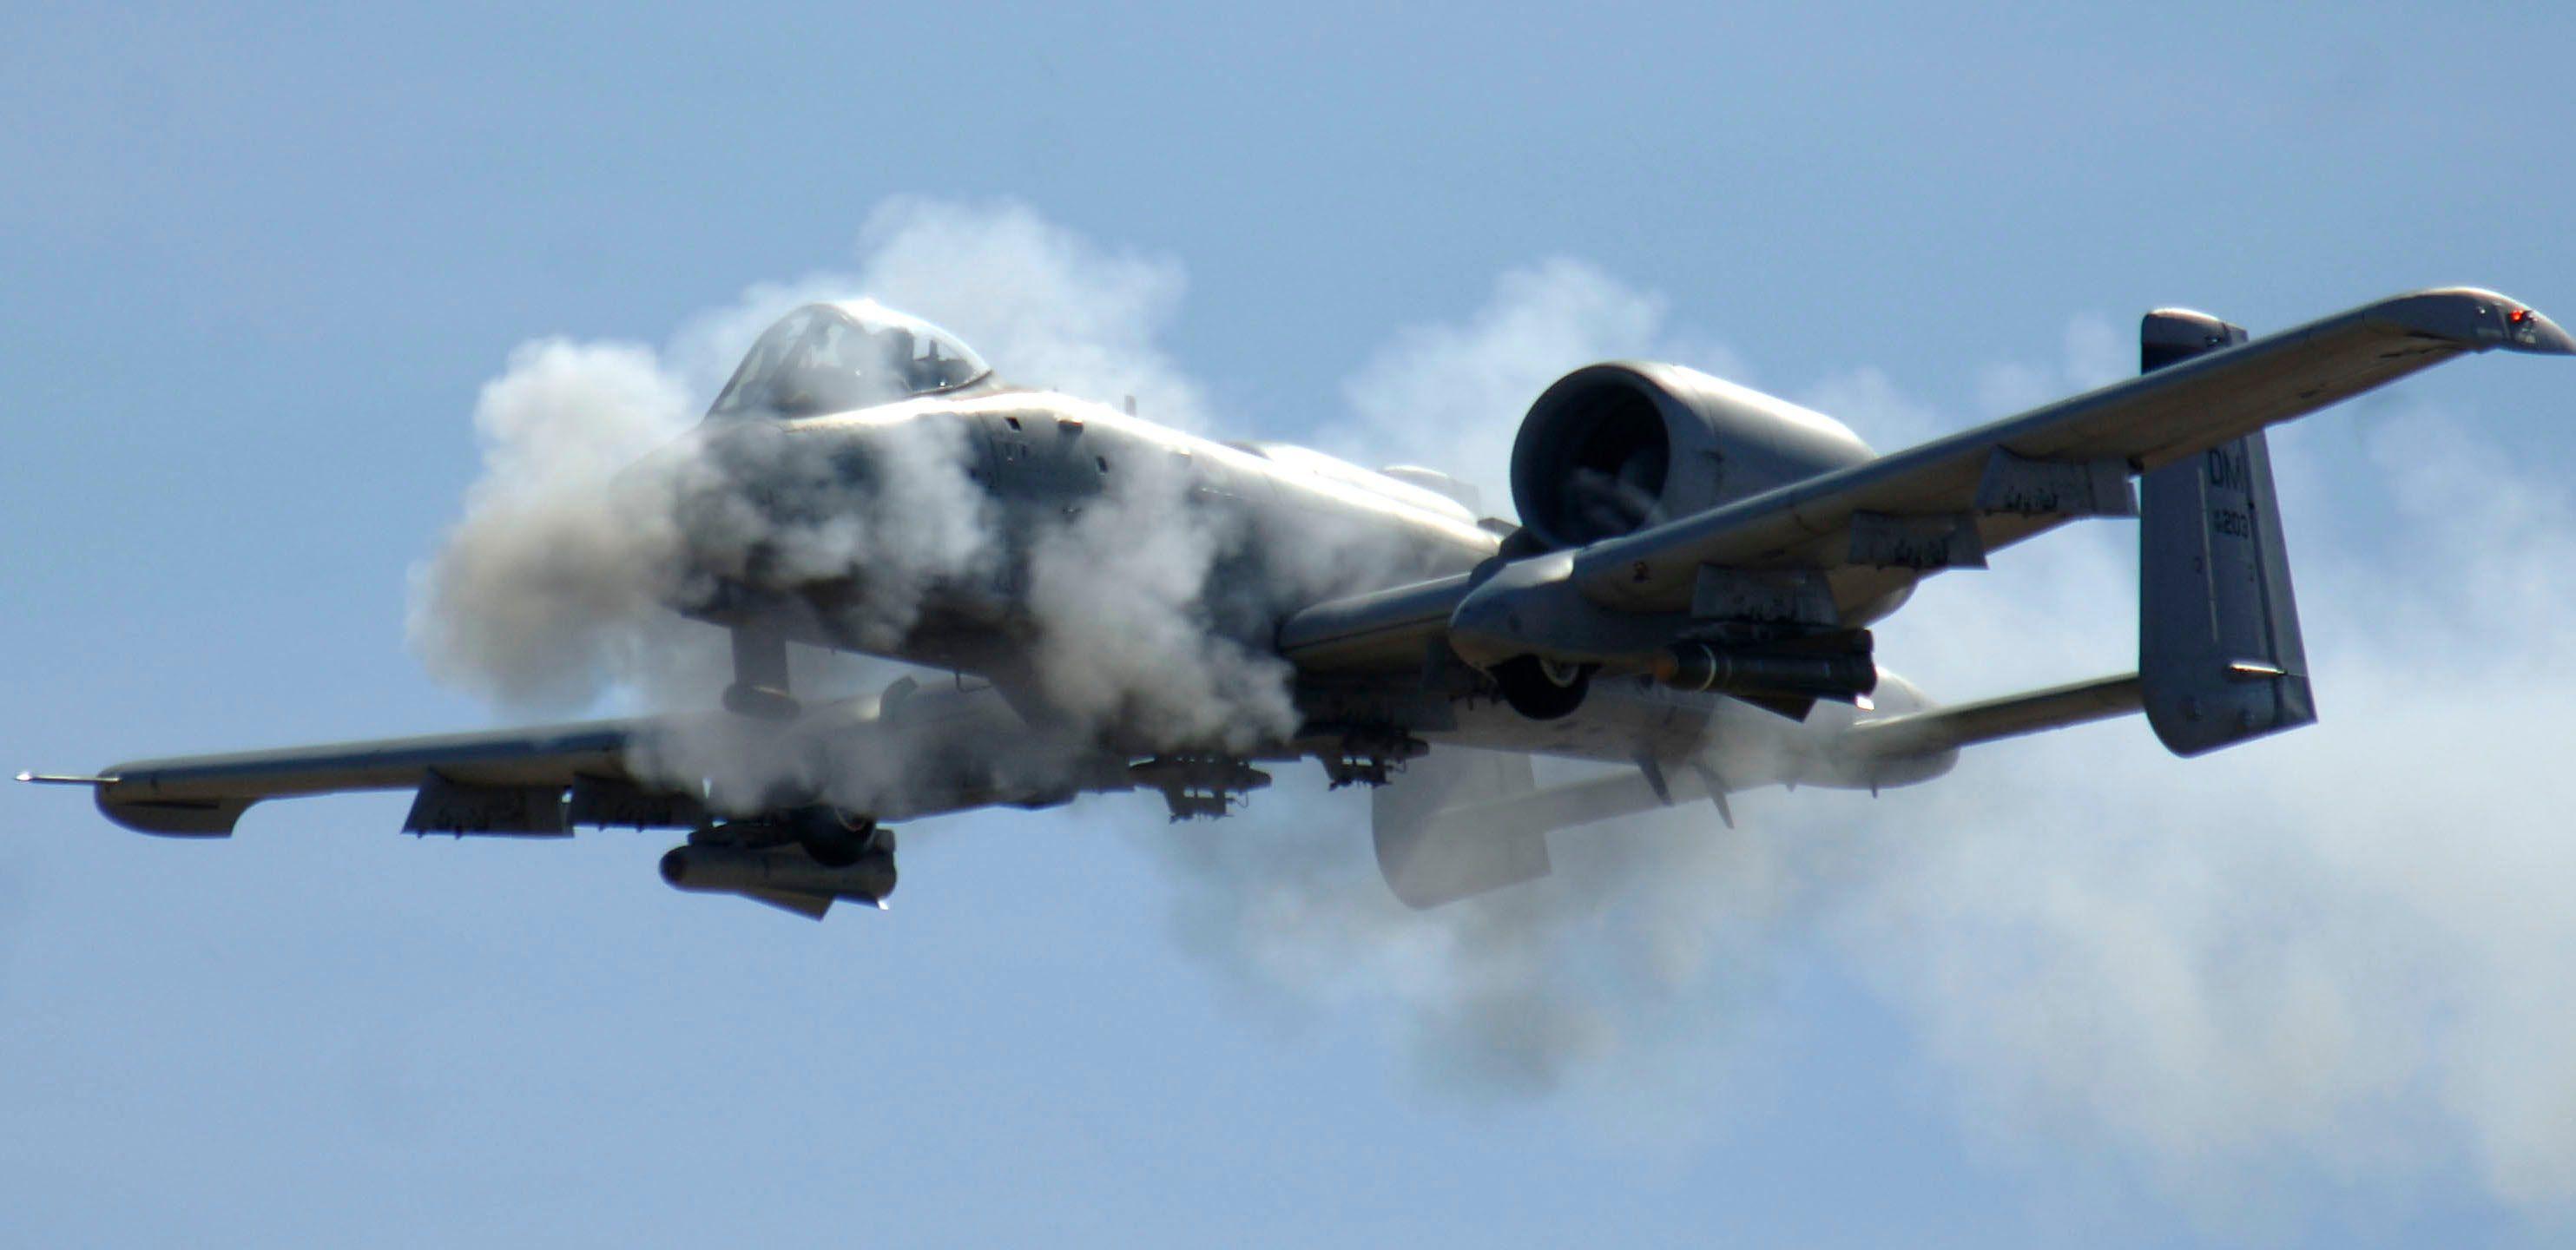 Resultado de imagen para A-10 Thunderbolt II + kandahar